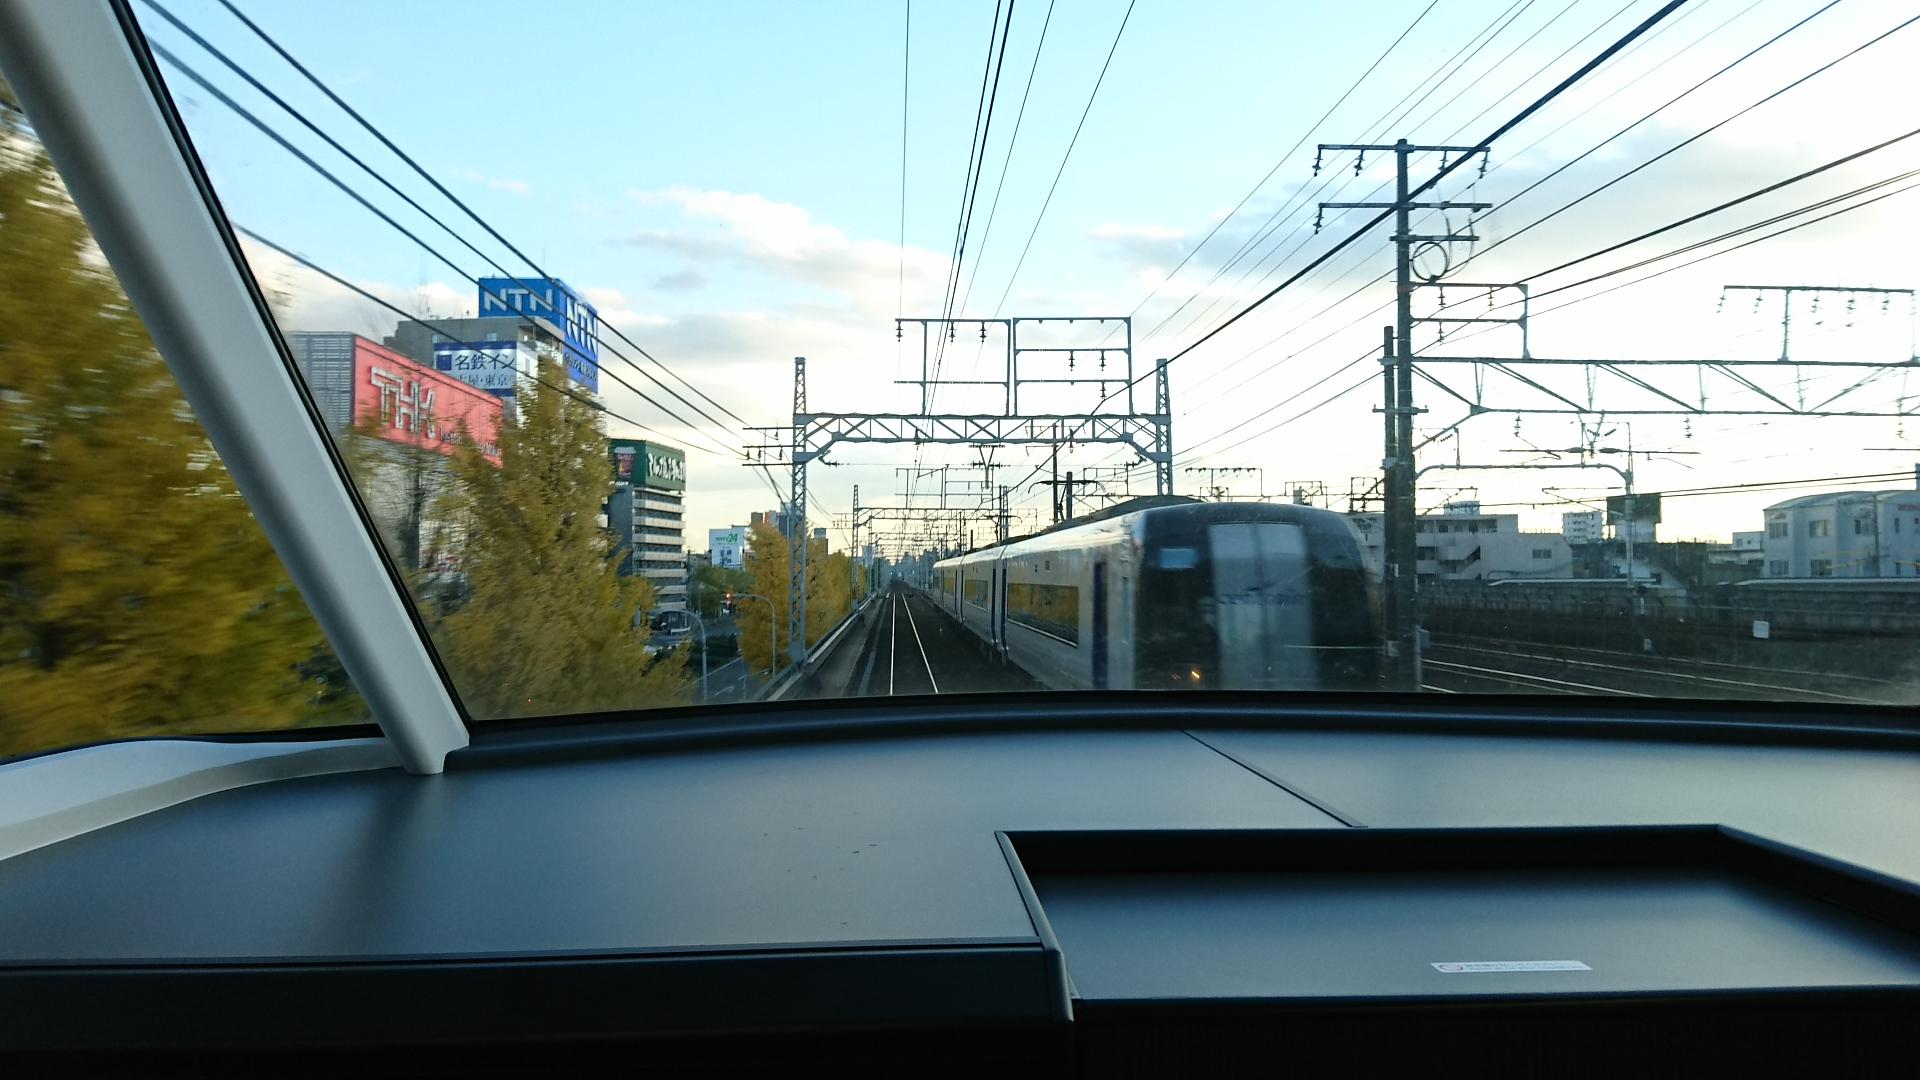 2017.11.24 名古屋 (42) 豊橋いき特急 - 名古屋-山王間 1920-1080